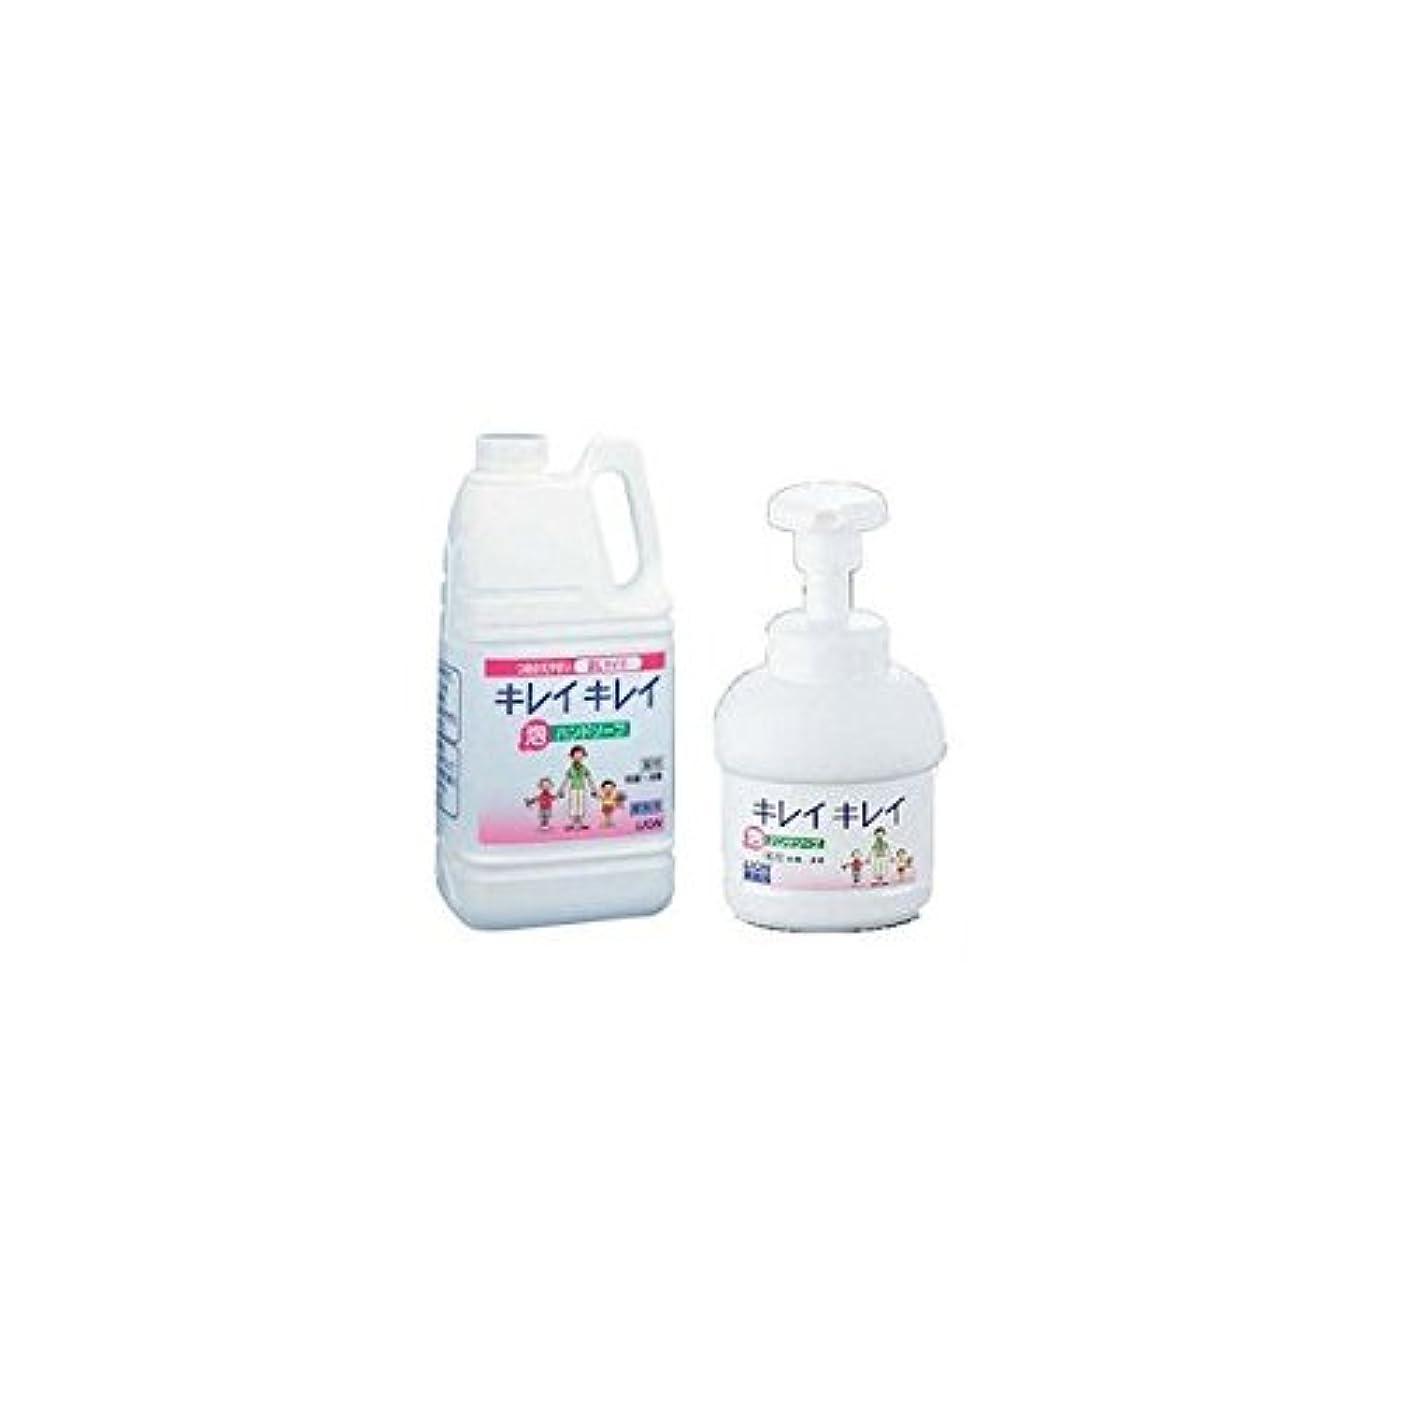 囚人ルーム前件ライオン キレイキレイ薬用泡ハンドソープ 2L(250MLポンプ付) 【品番】JHV2501